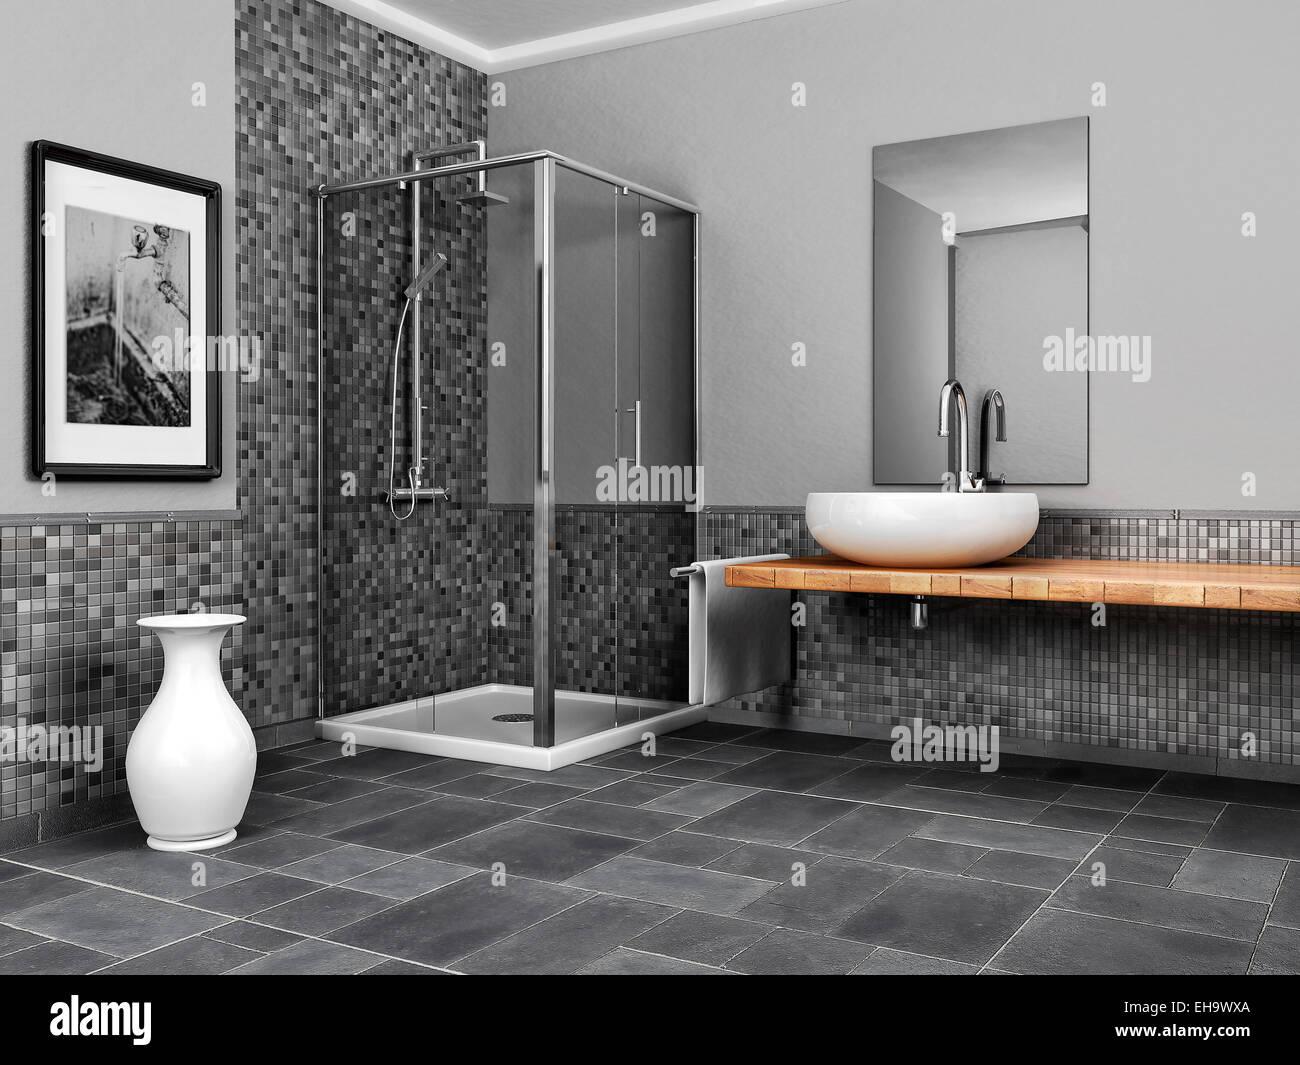 Grosses Badezimmer Mit Stein Und Mosaik Grau Ton Stockfoto Bild